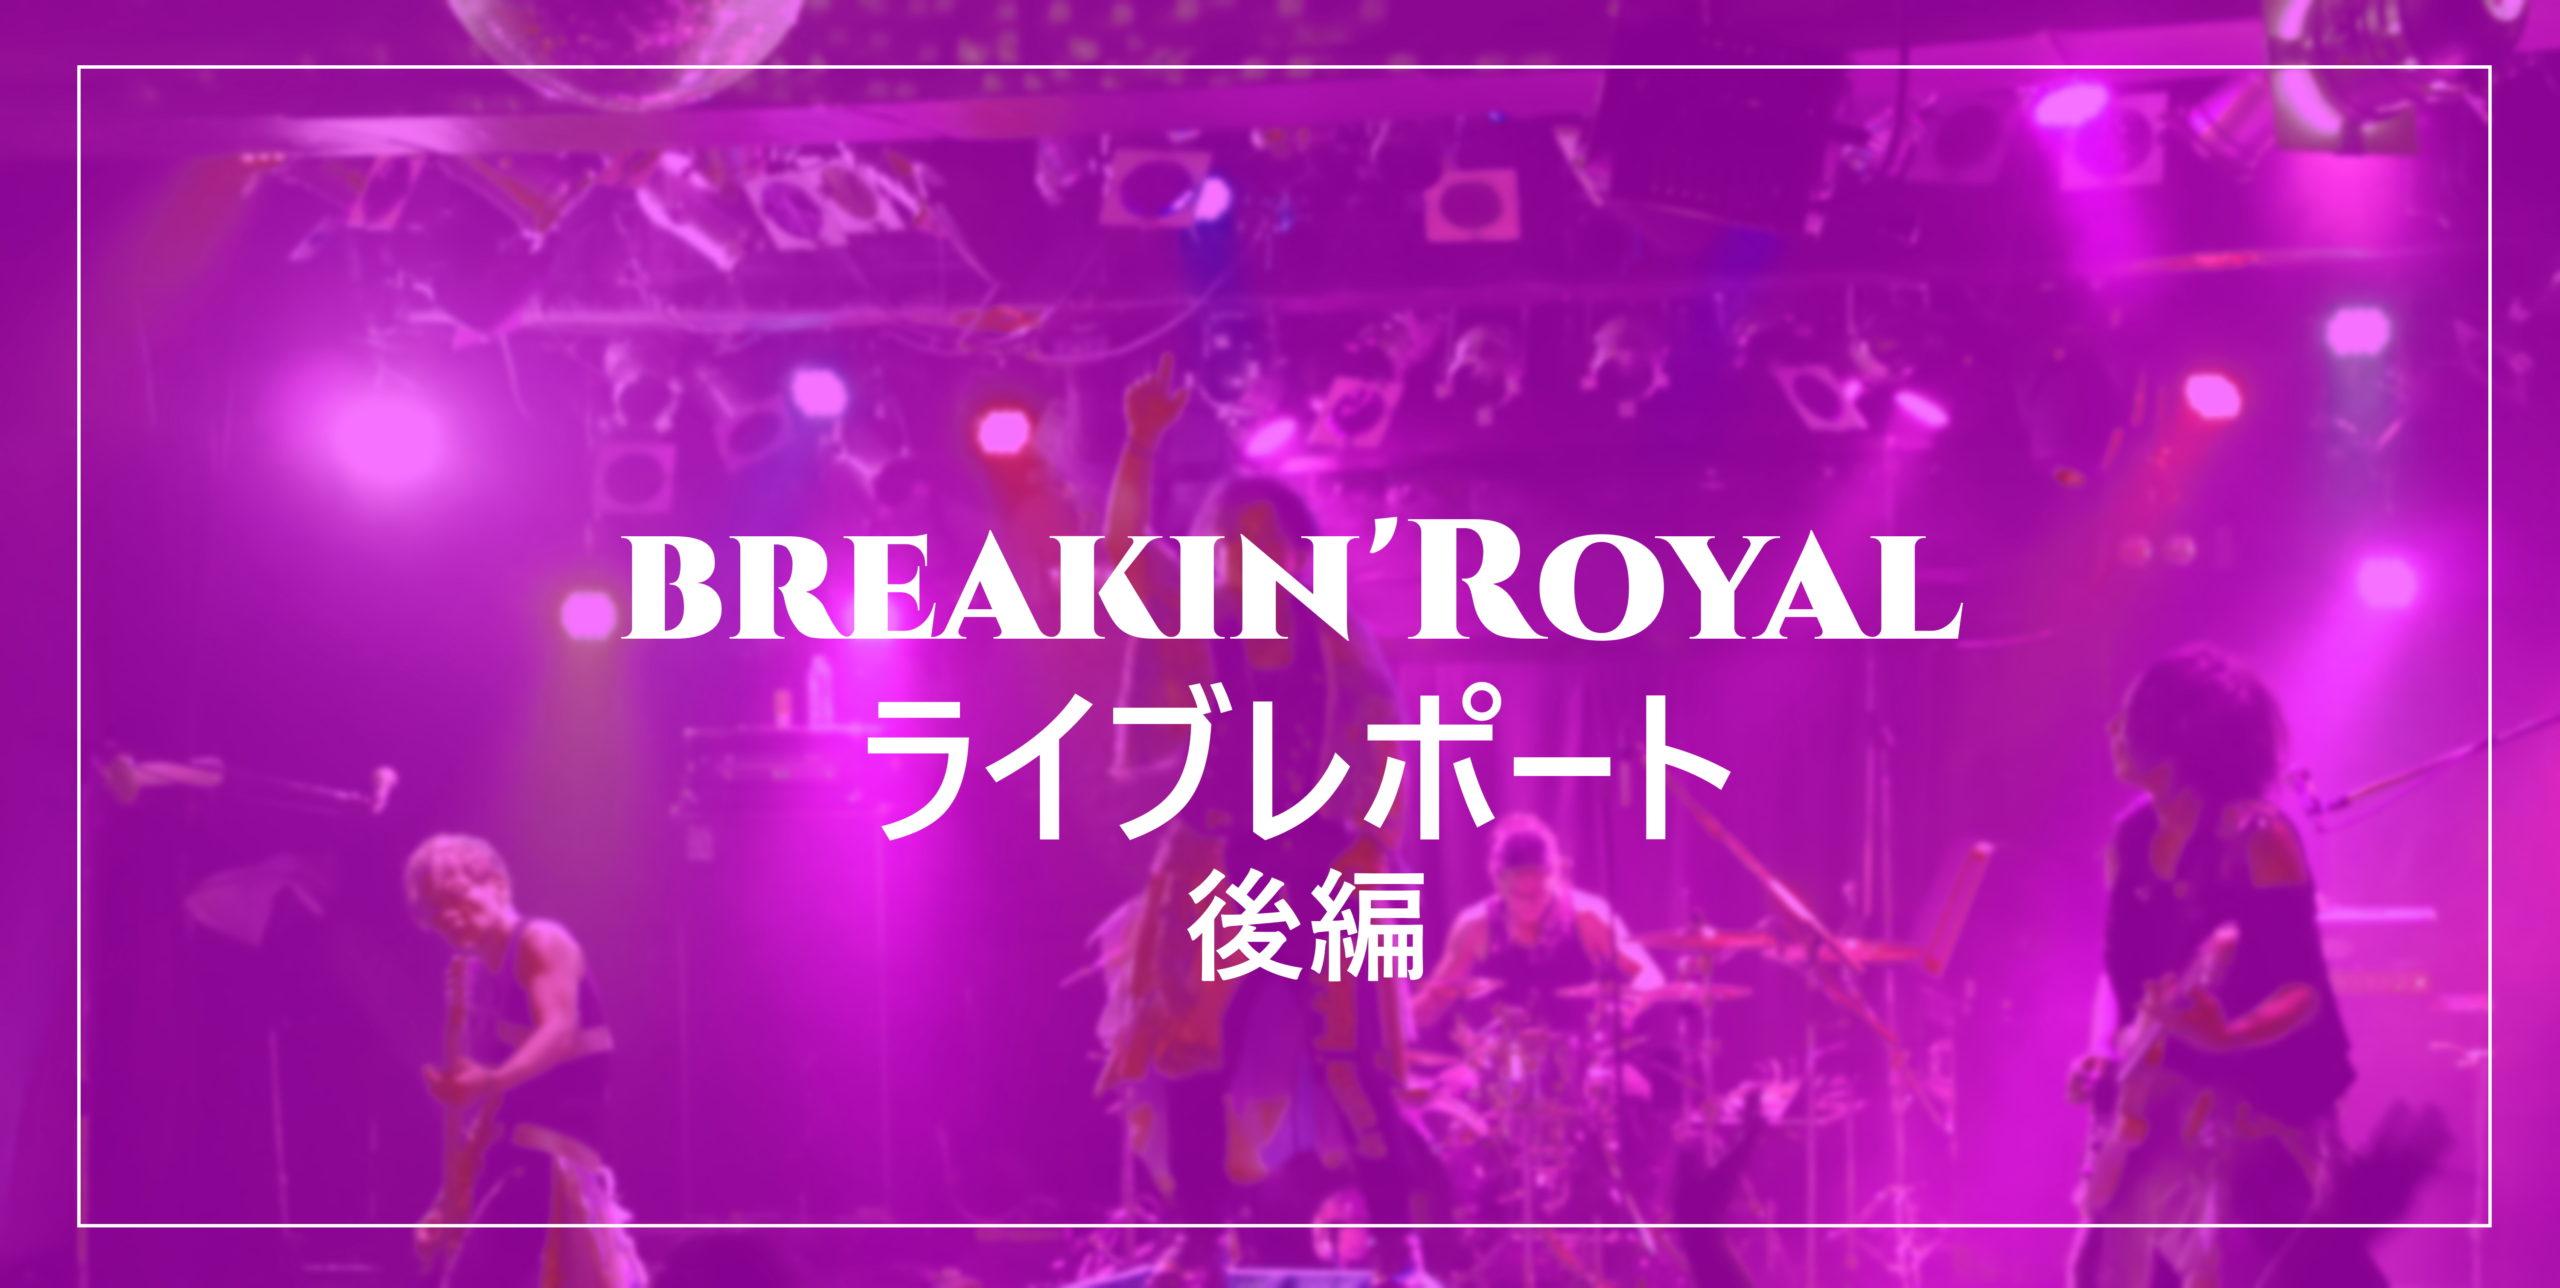 【ライブレポート】9/26に開催されたbreakin'Royalのレポート後編公開!